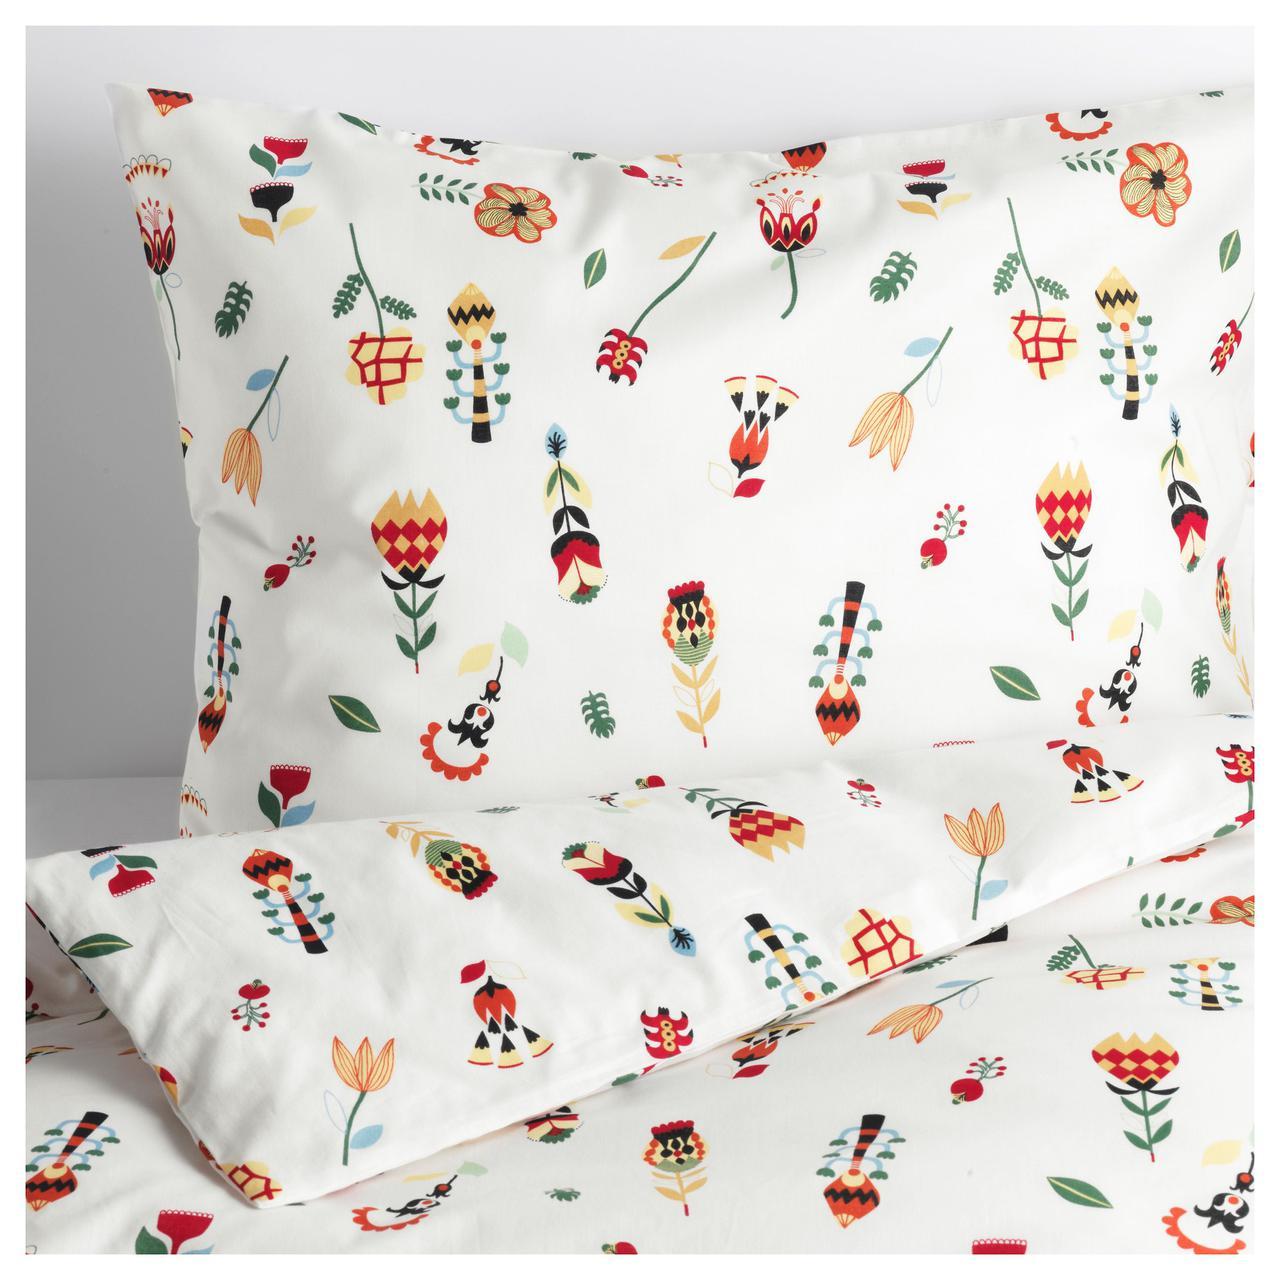 Комплект постельного белья IKEA ROSENFIBBLA 200х220 см цветочный узор 504.032.40